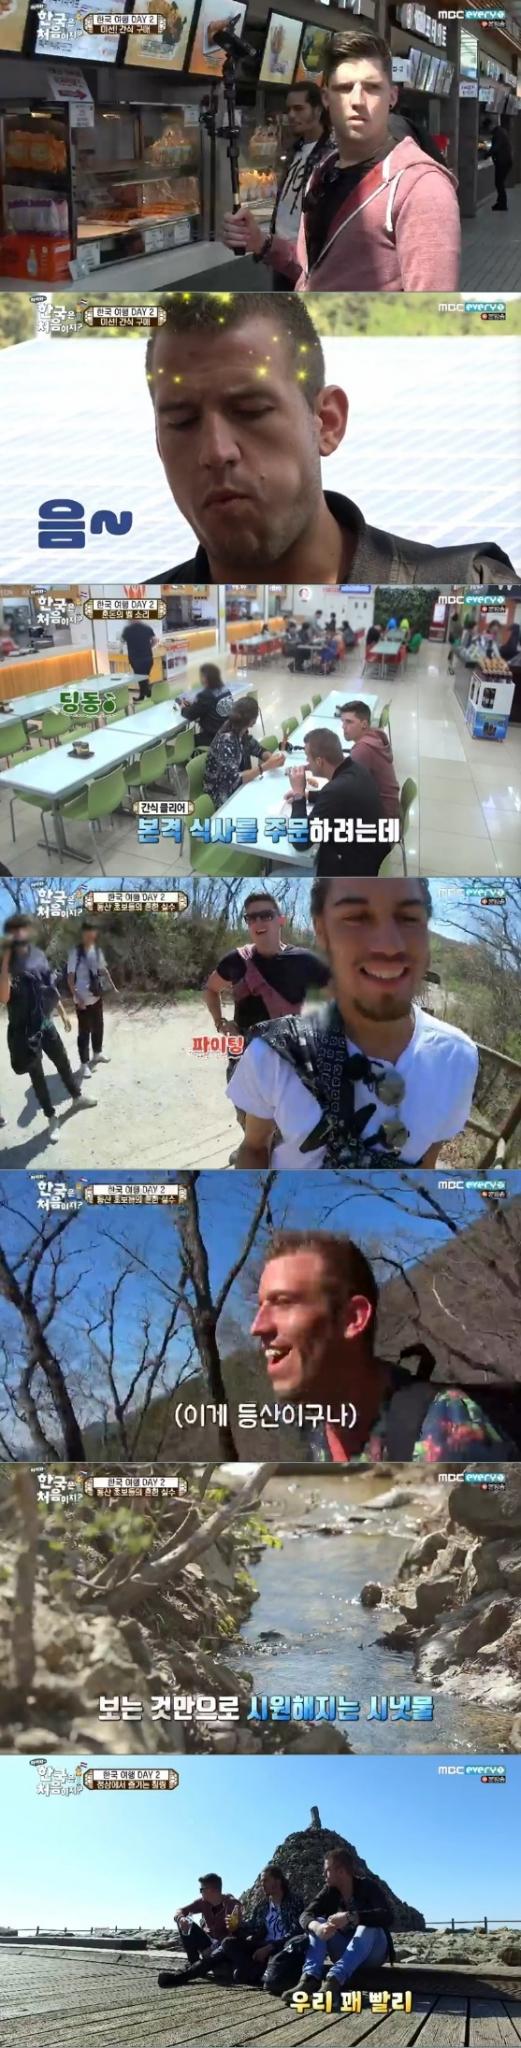 /사진= '어서와, 한국은 처음이지 2' 방송화면